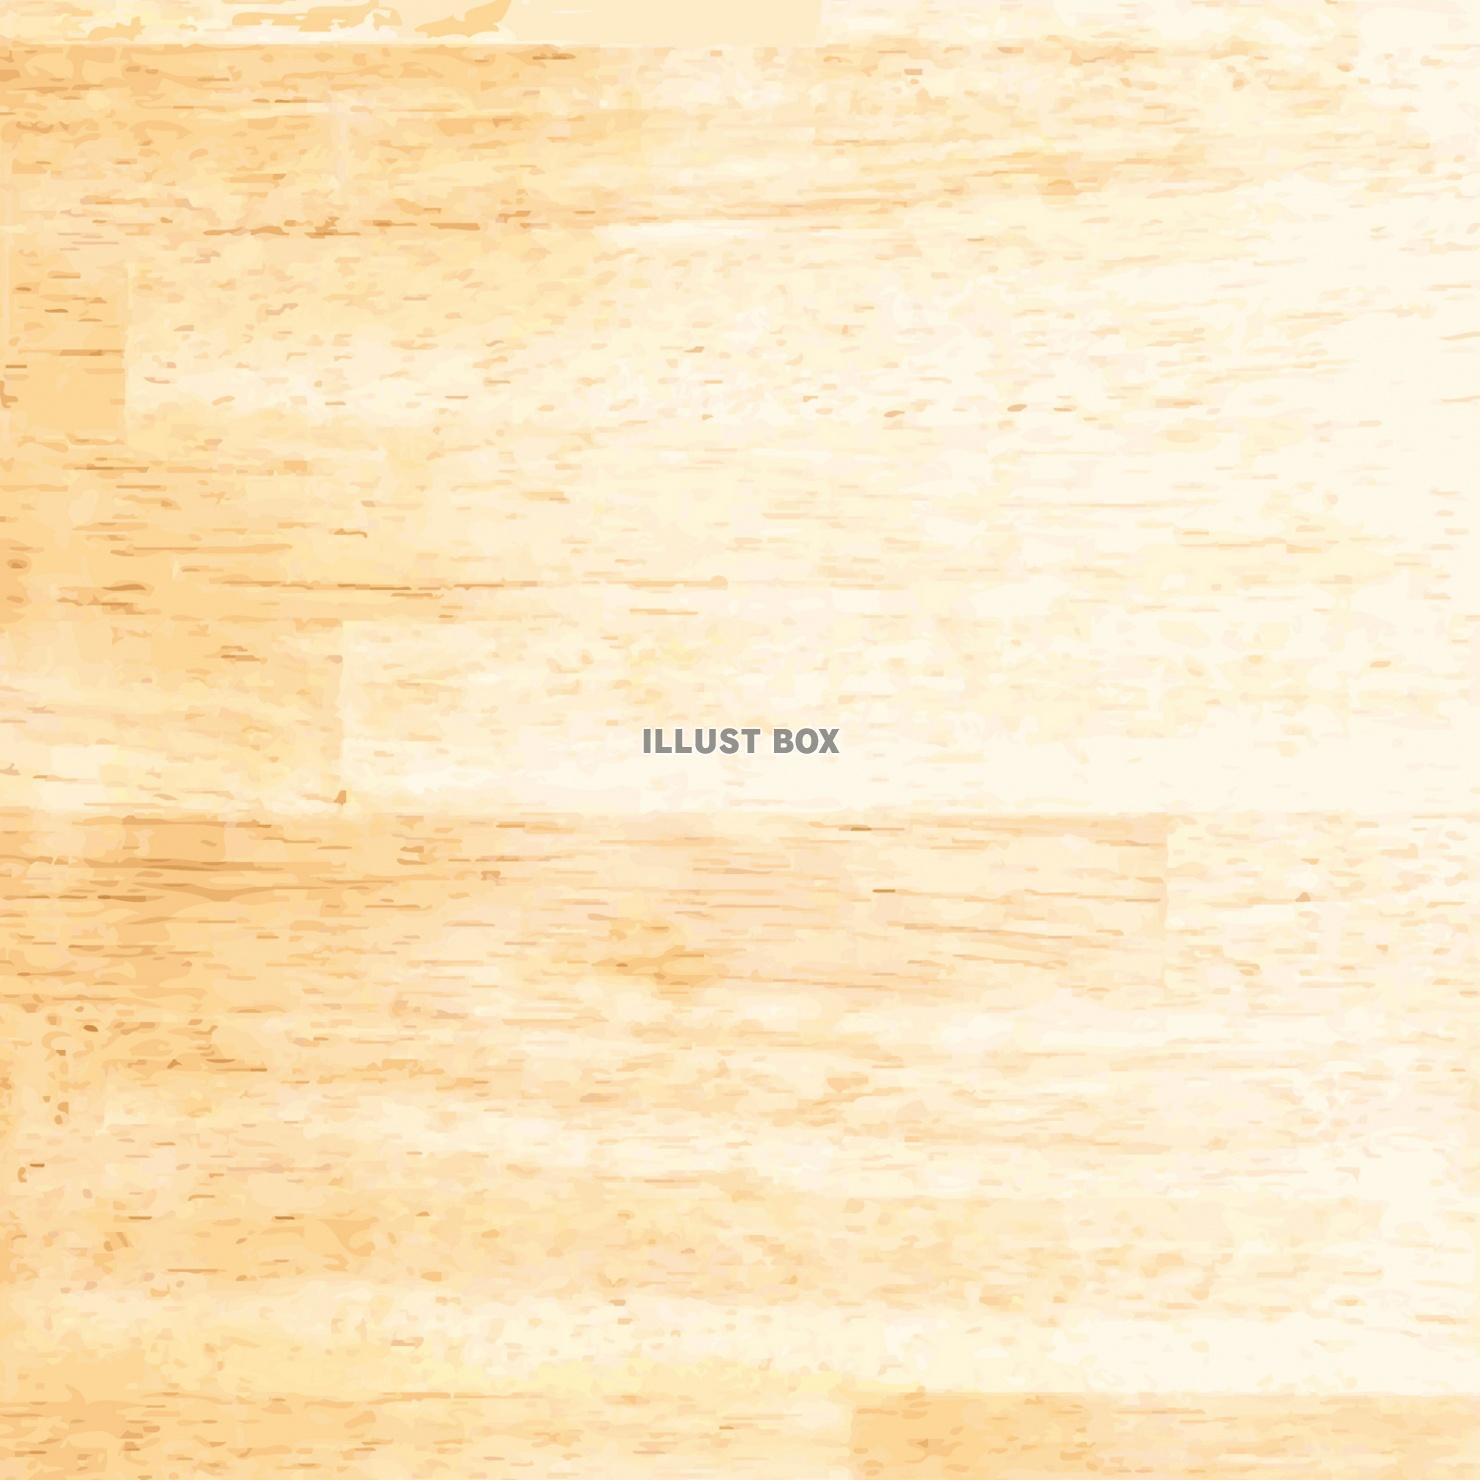 無料イラスト 看板おしゃれフレーム枠背景壁紙木木目板シンプル